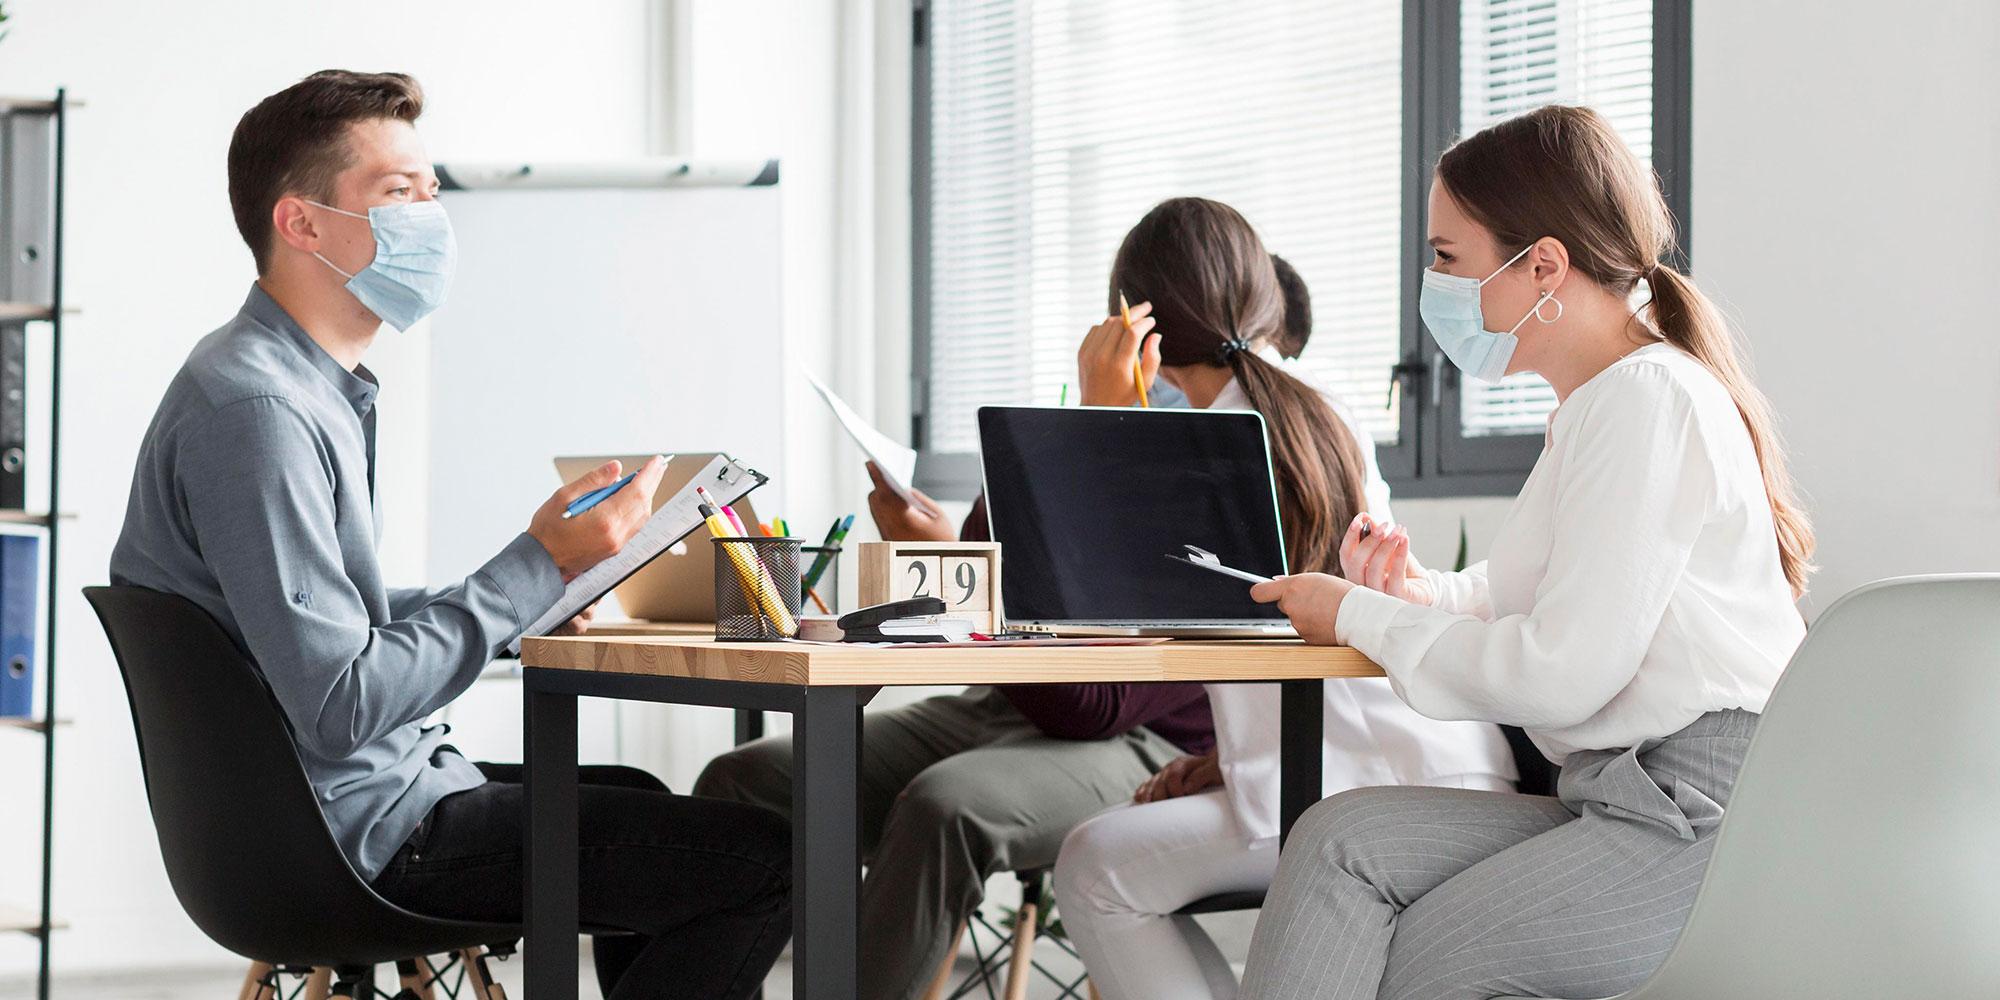 Três pontos que você pode melhorar em seu negócio em tempos de isolamento social.